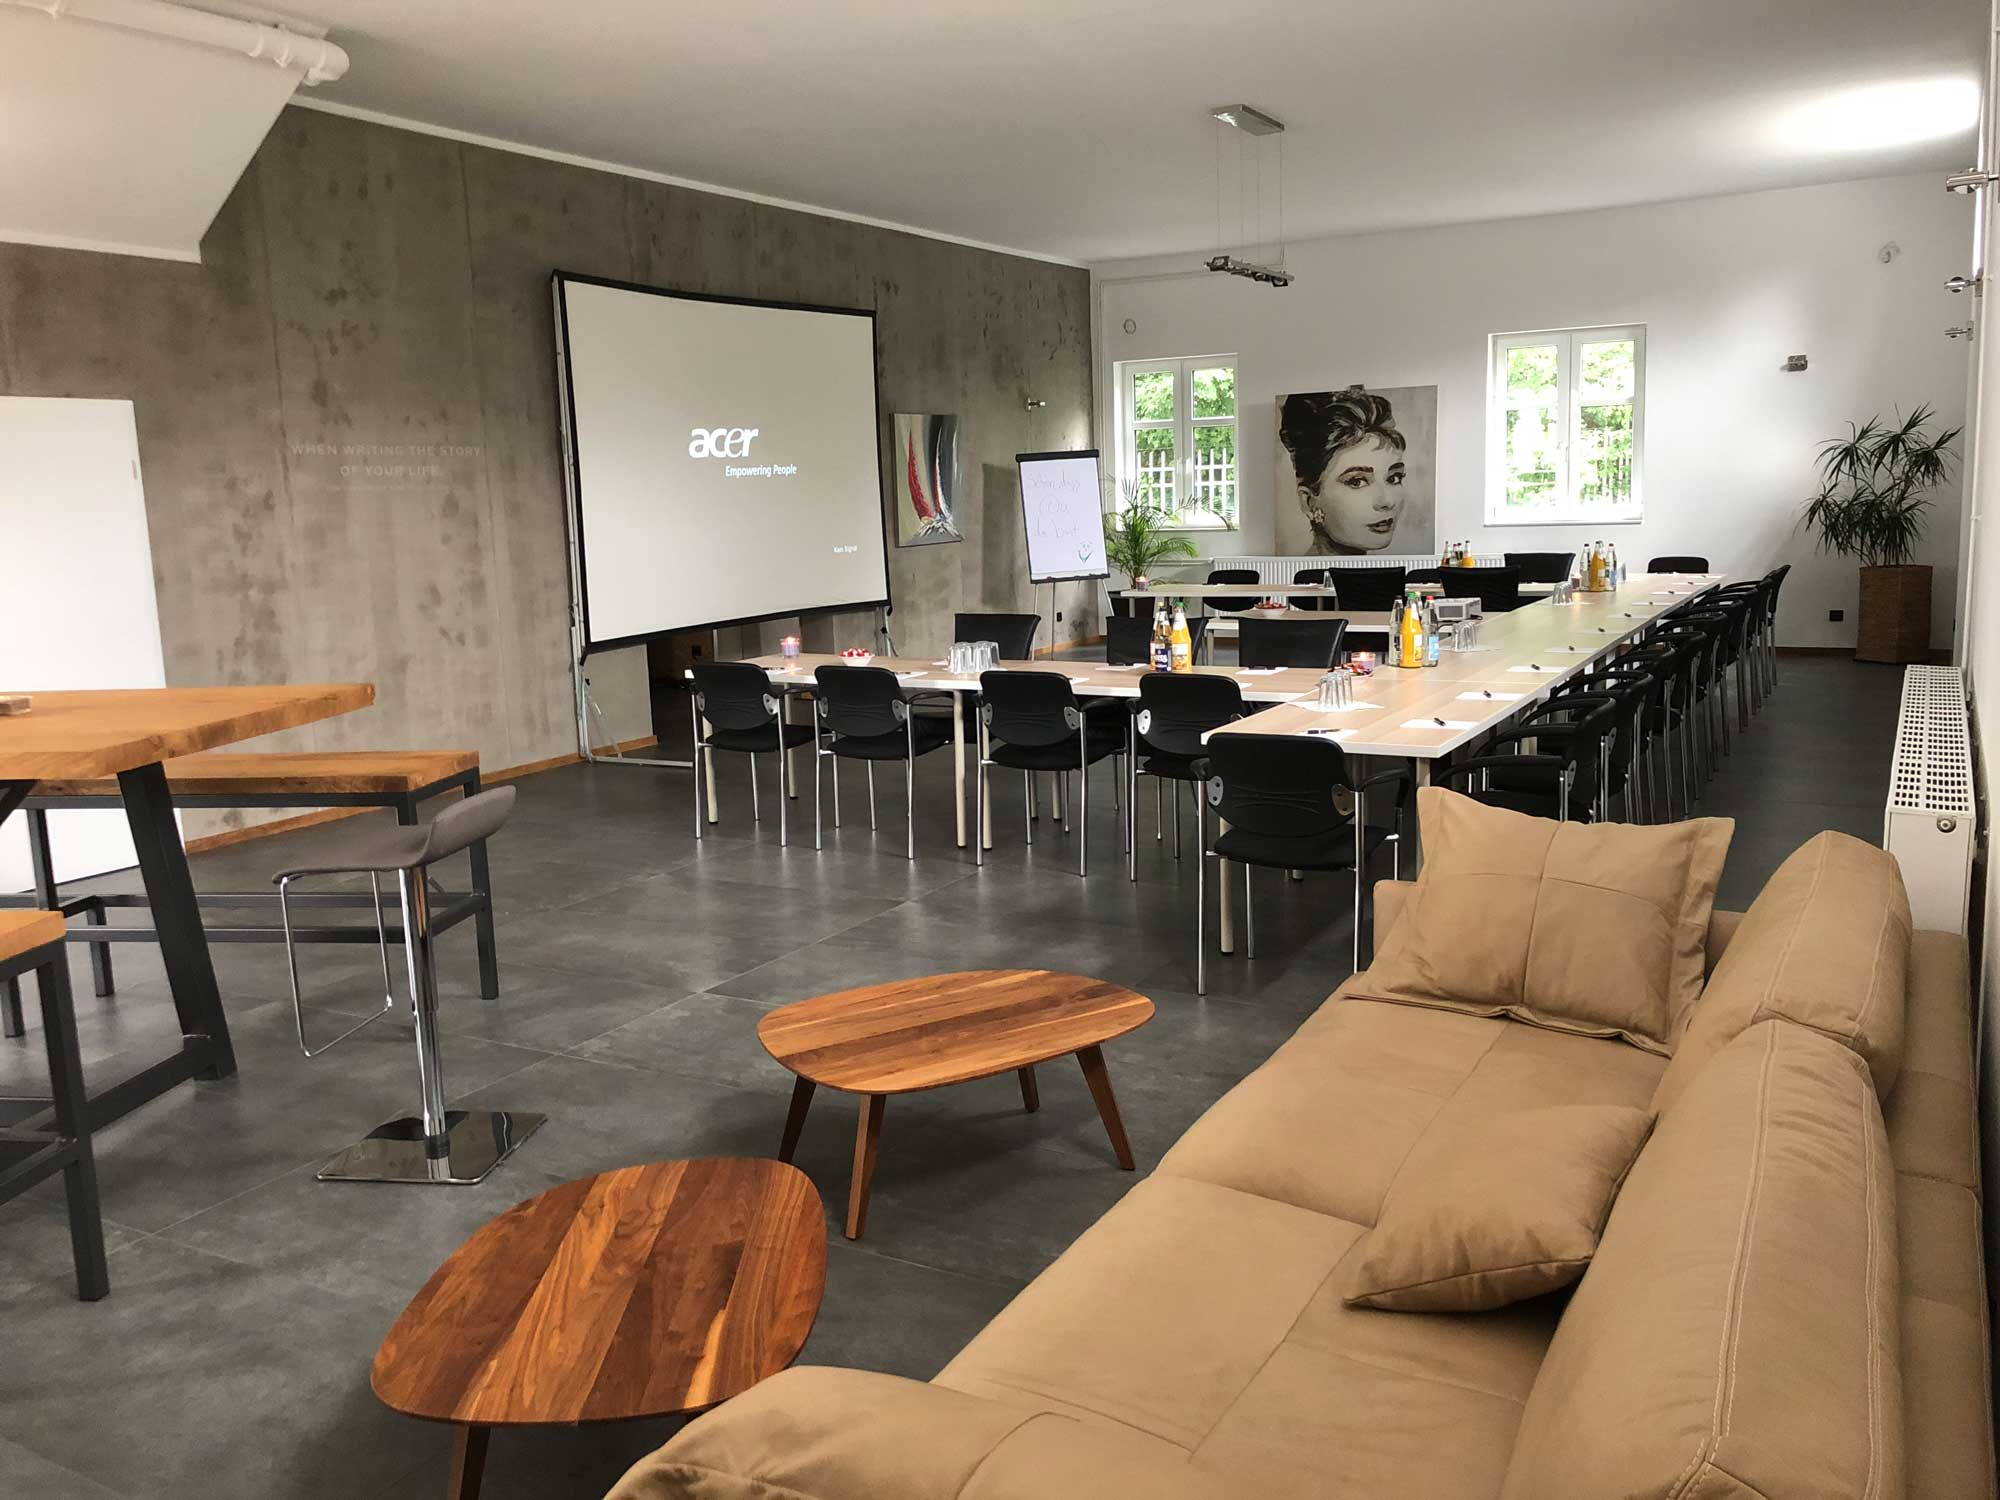 Konferenzraum der Ahlden Edelmetalle GmbH aus Walsrode